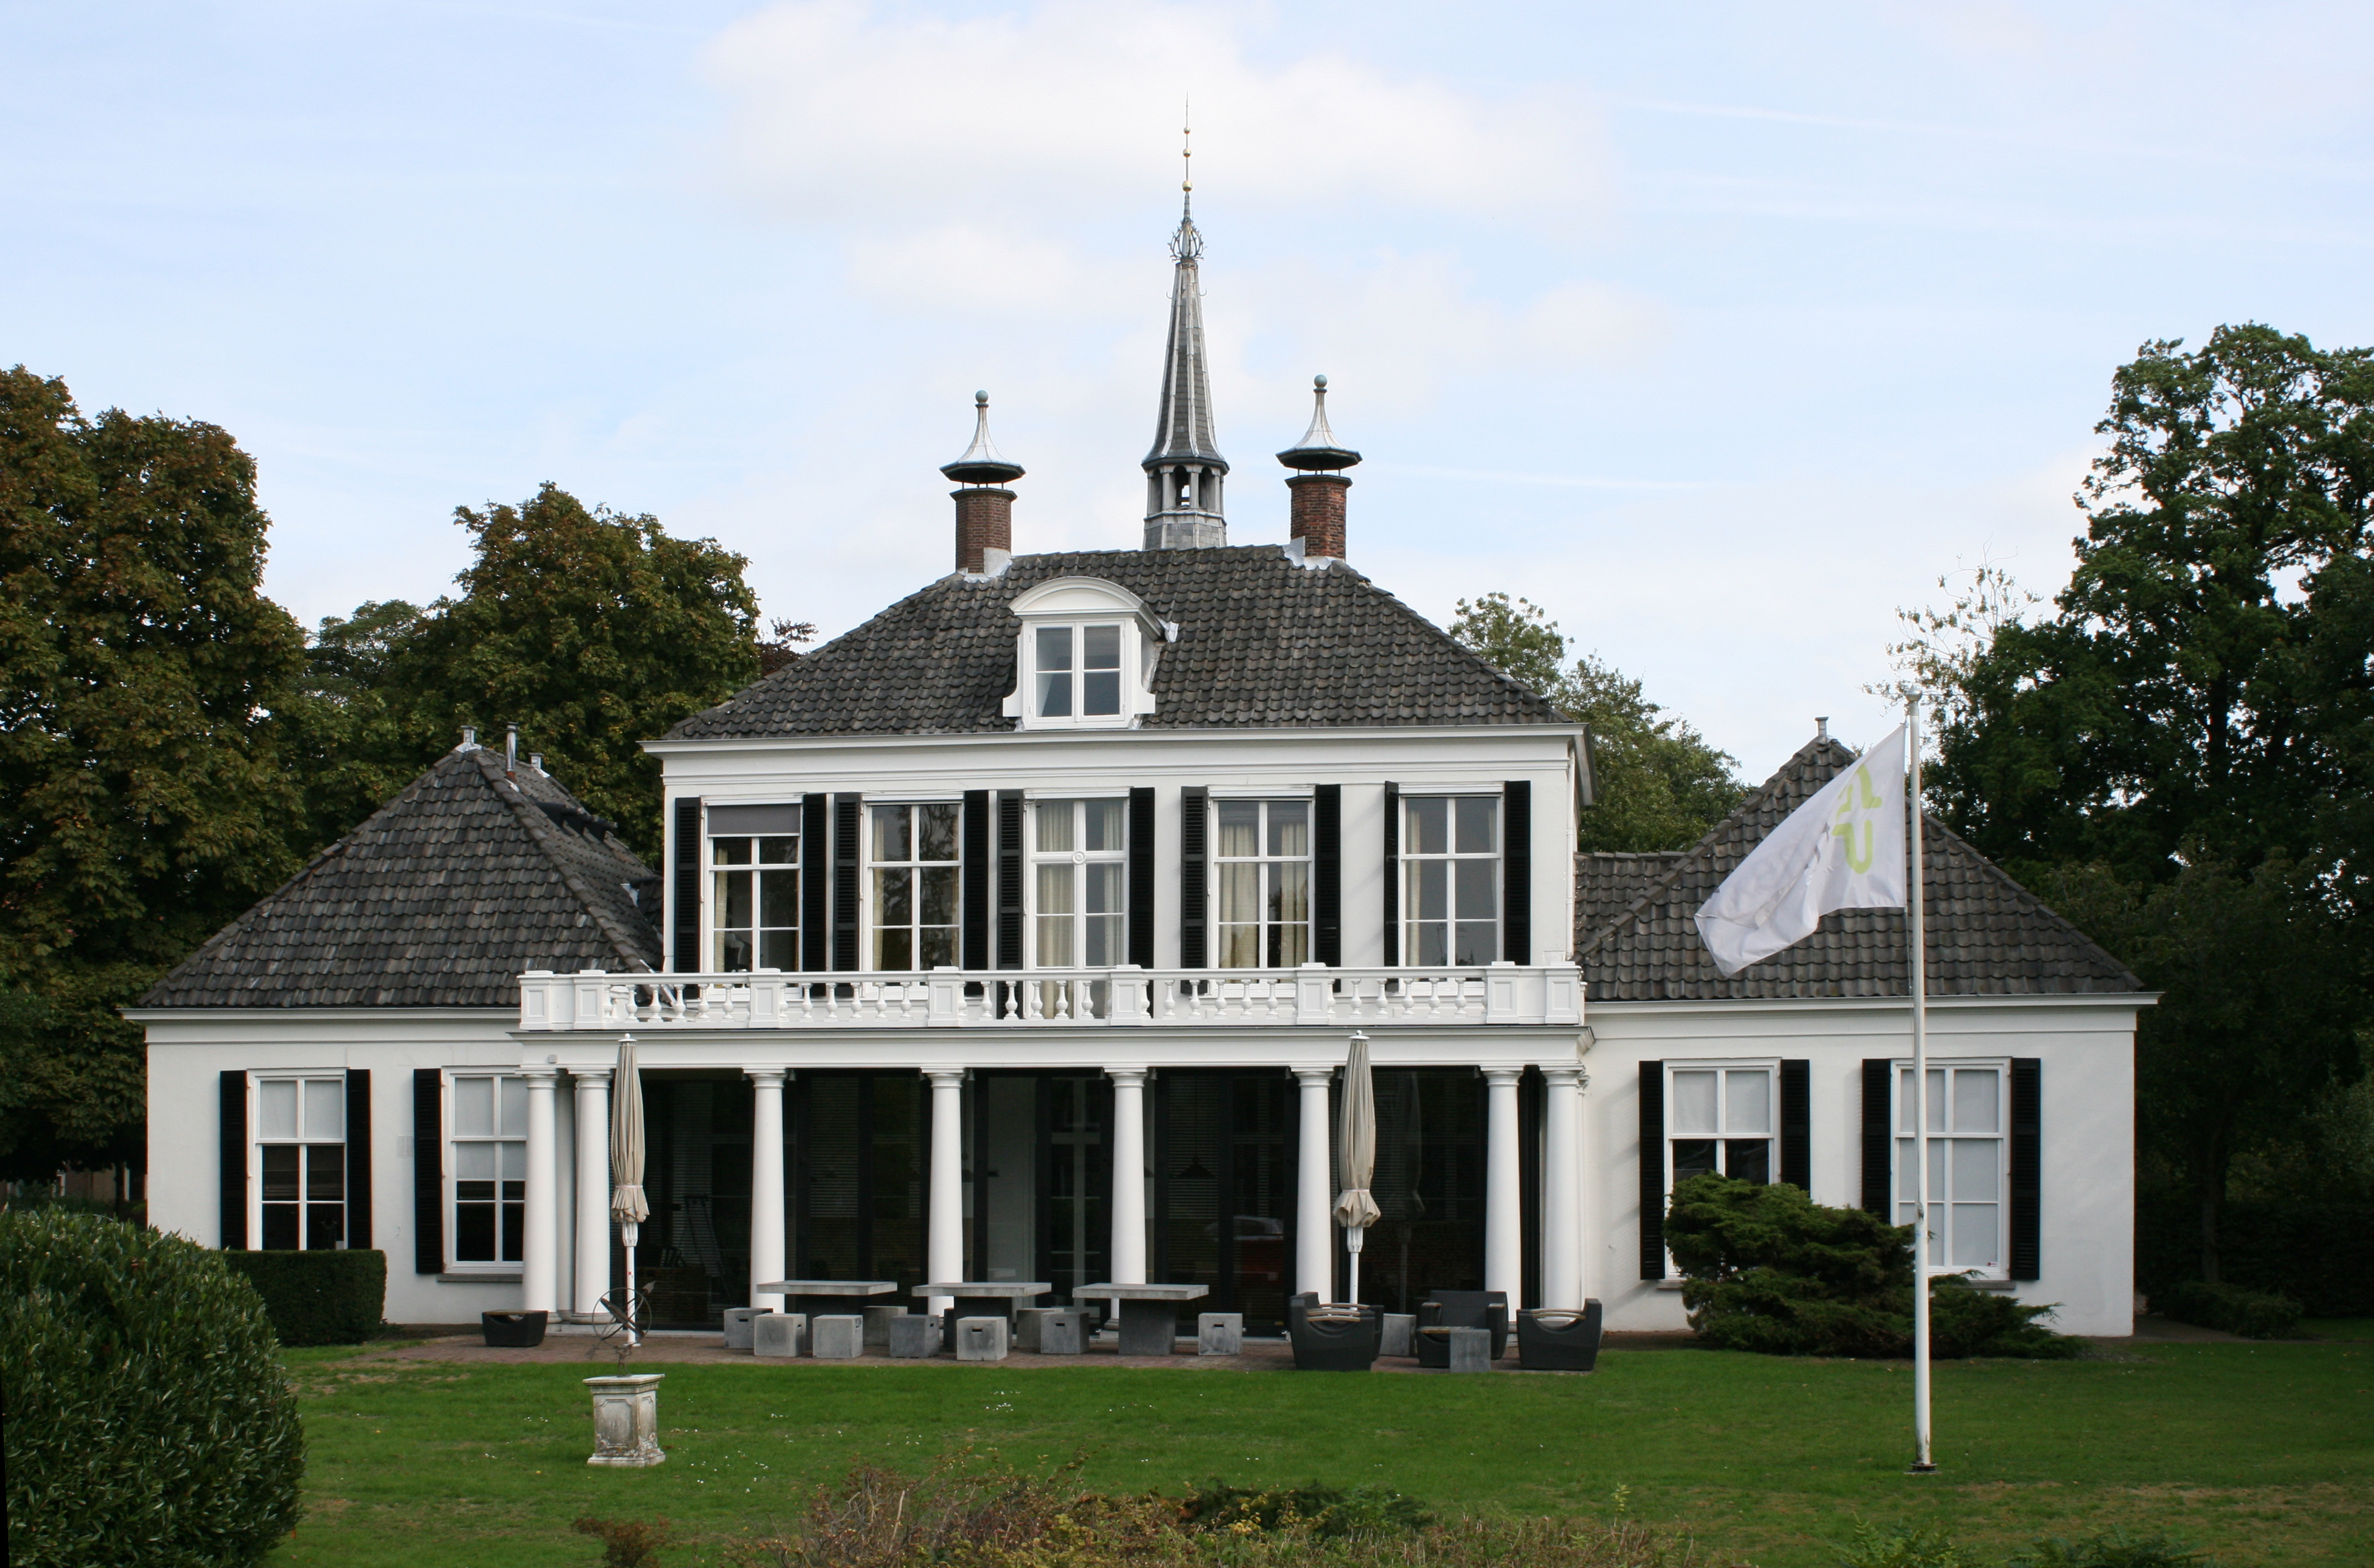 dansk date Faaborg-Midtfyn